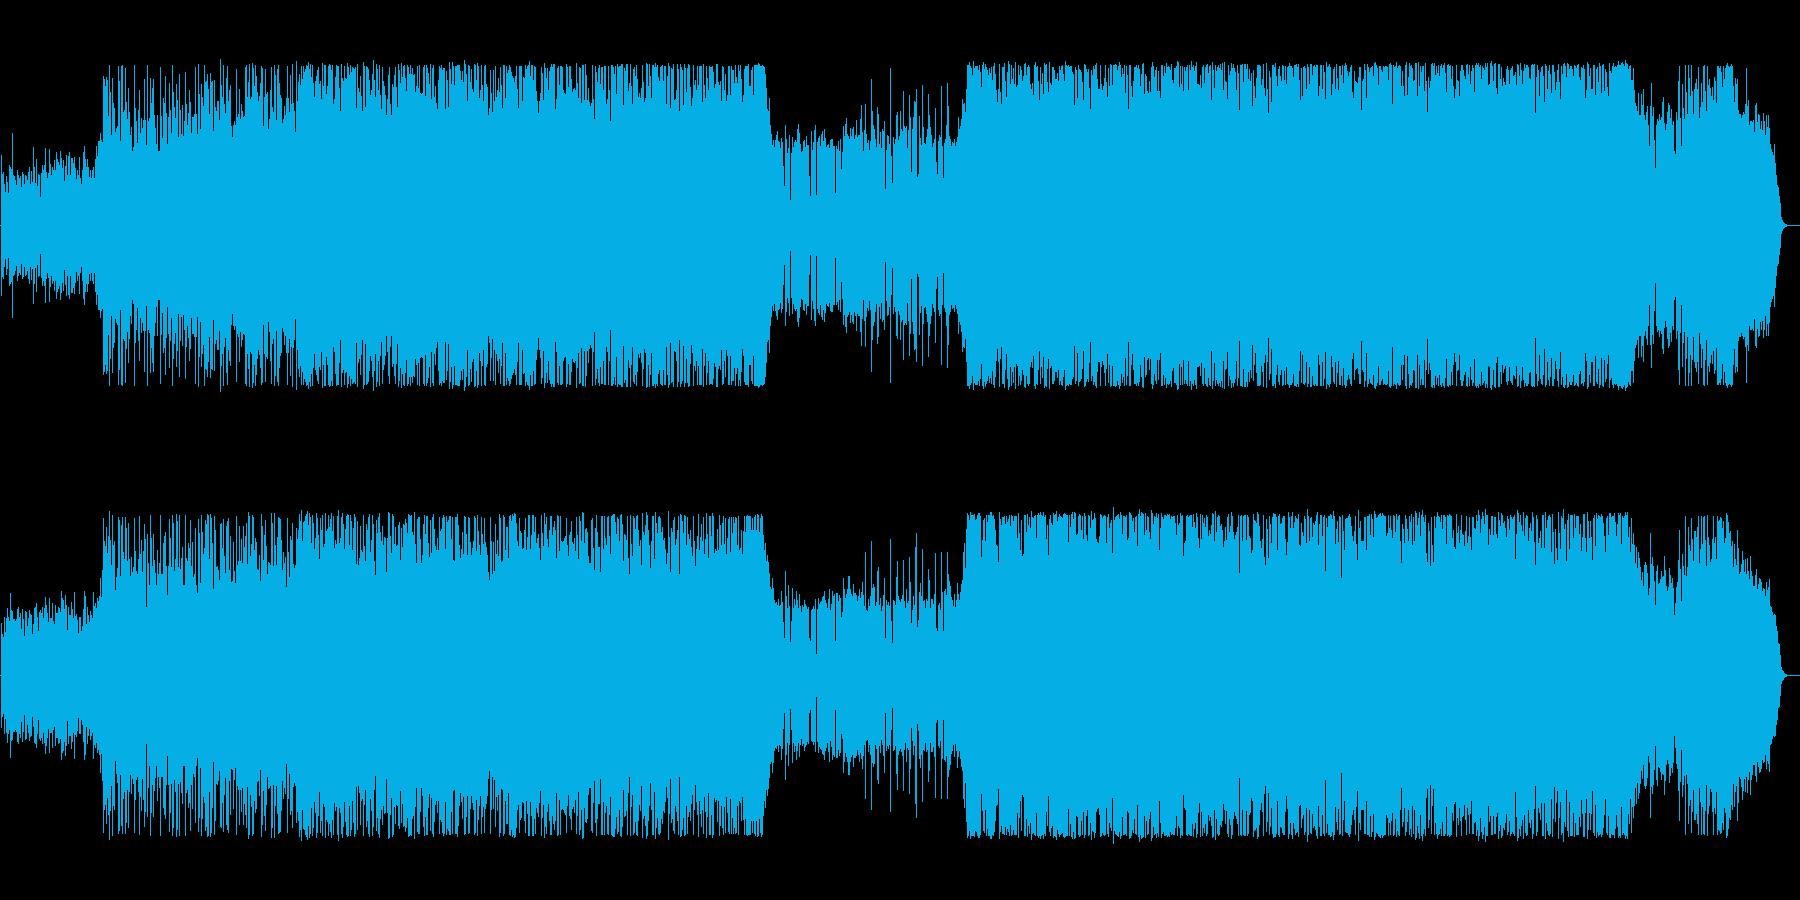 スピード感あふれるハードパンクの再生済みの波形